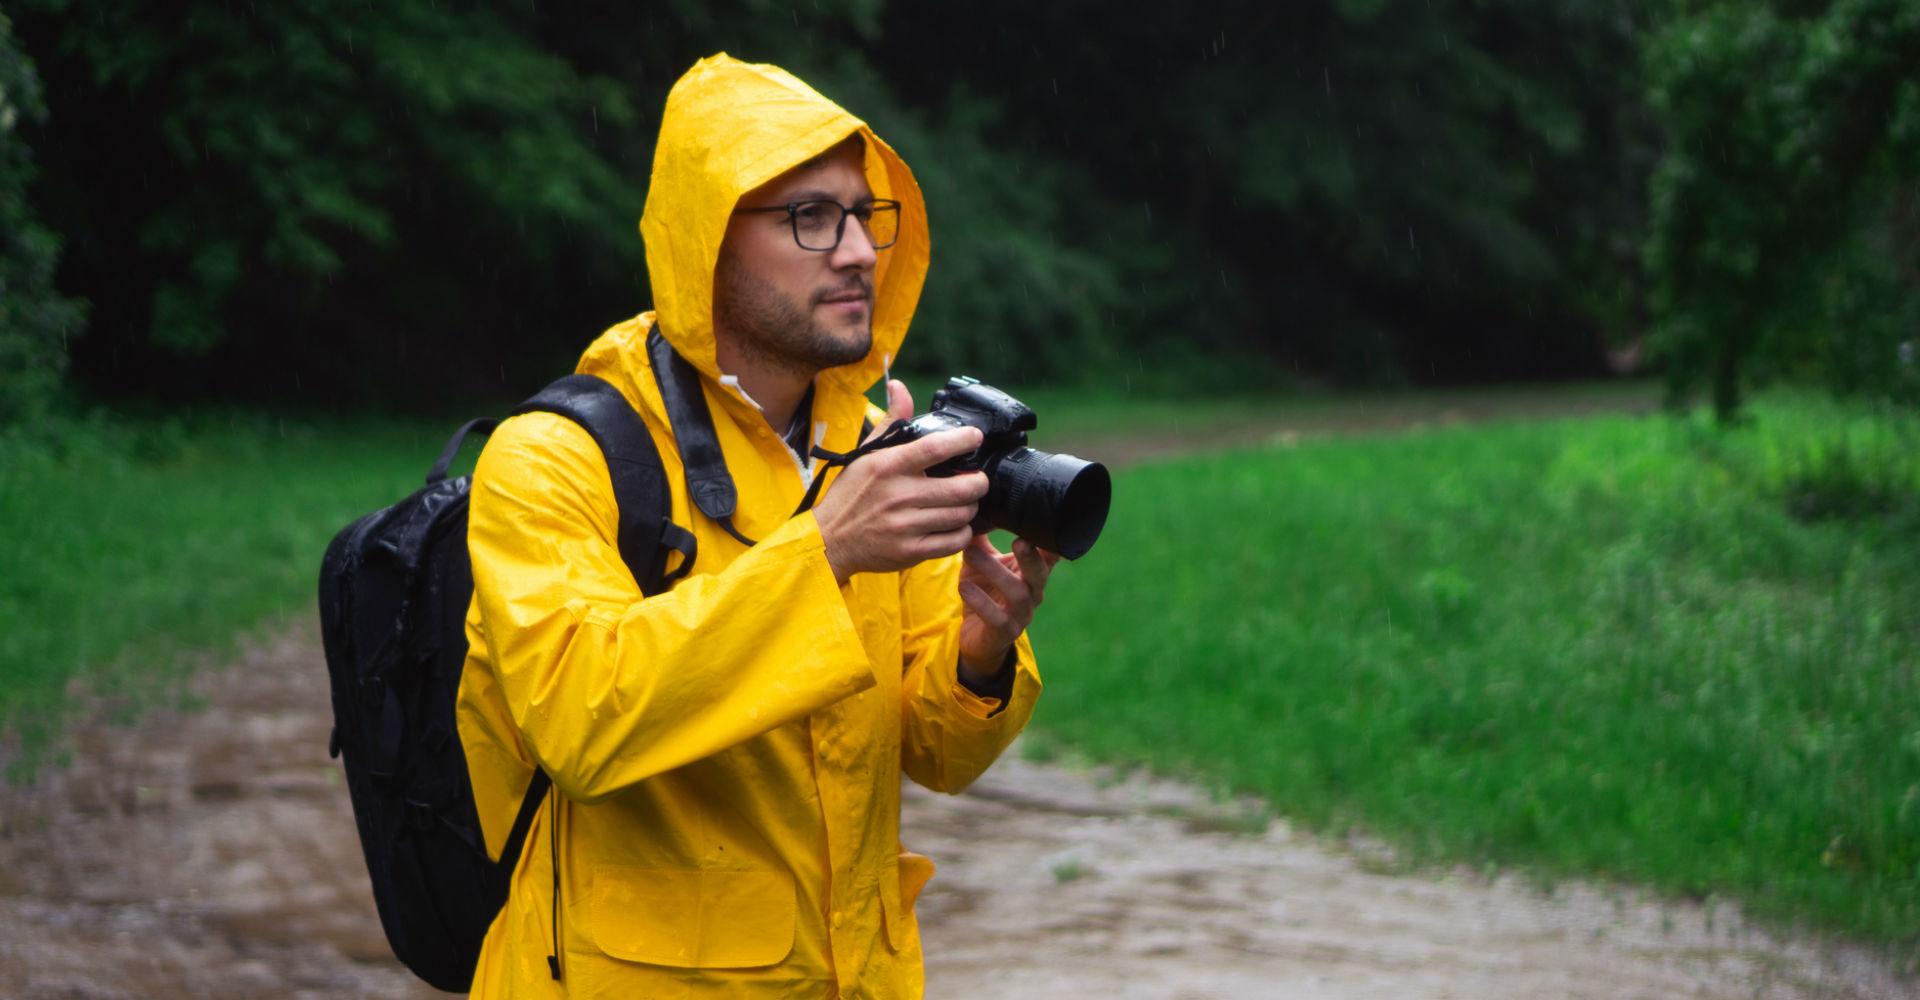 Mann fotografiert mit seiner Kamera im Regen.